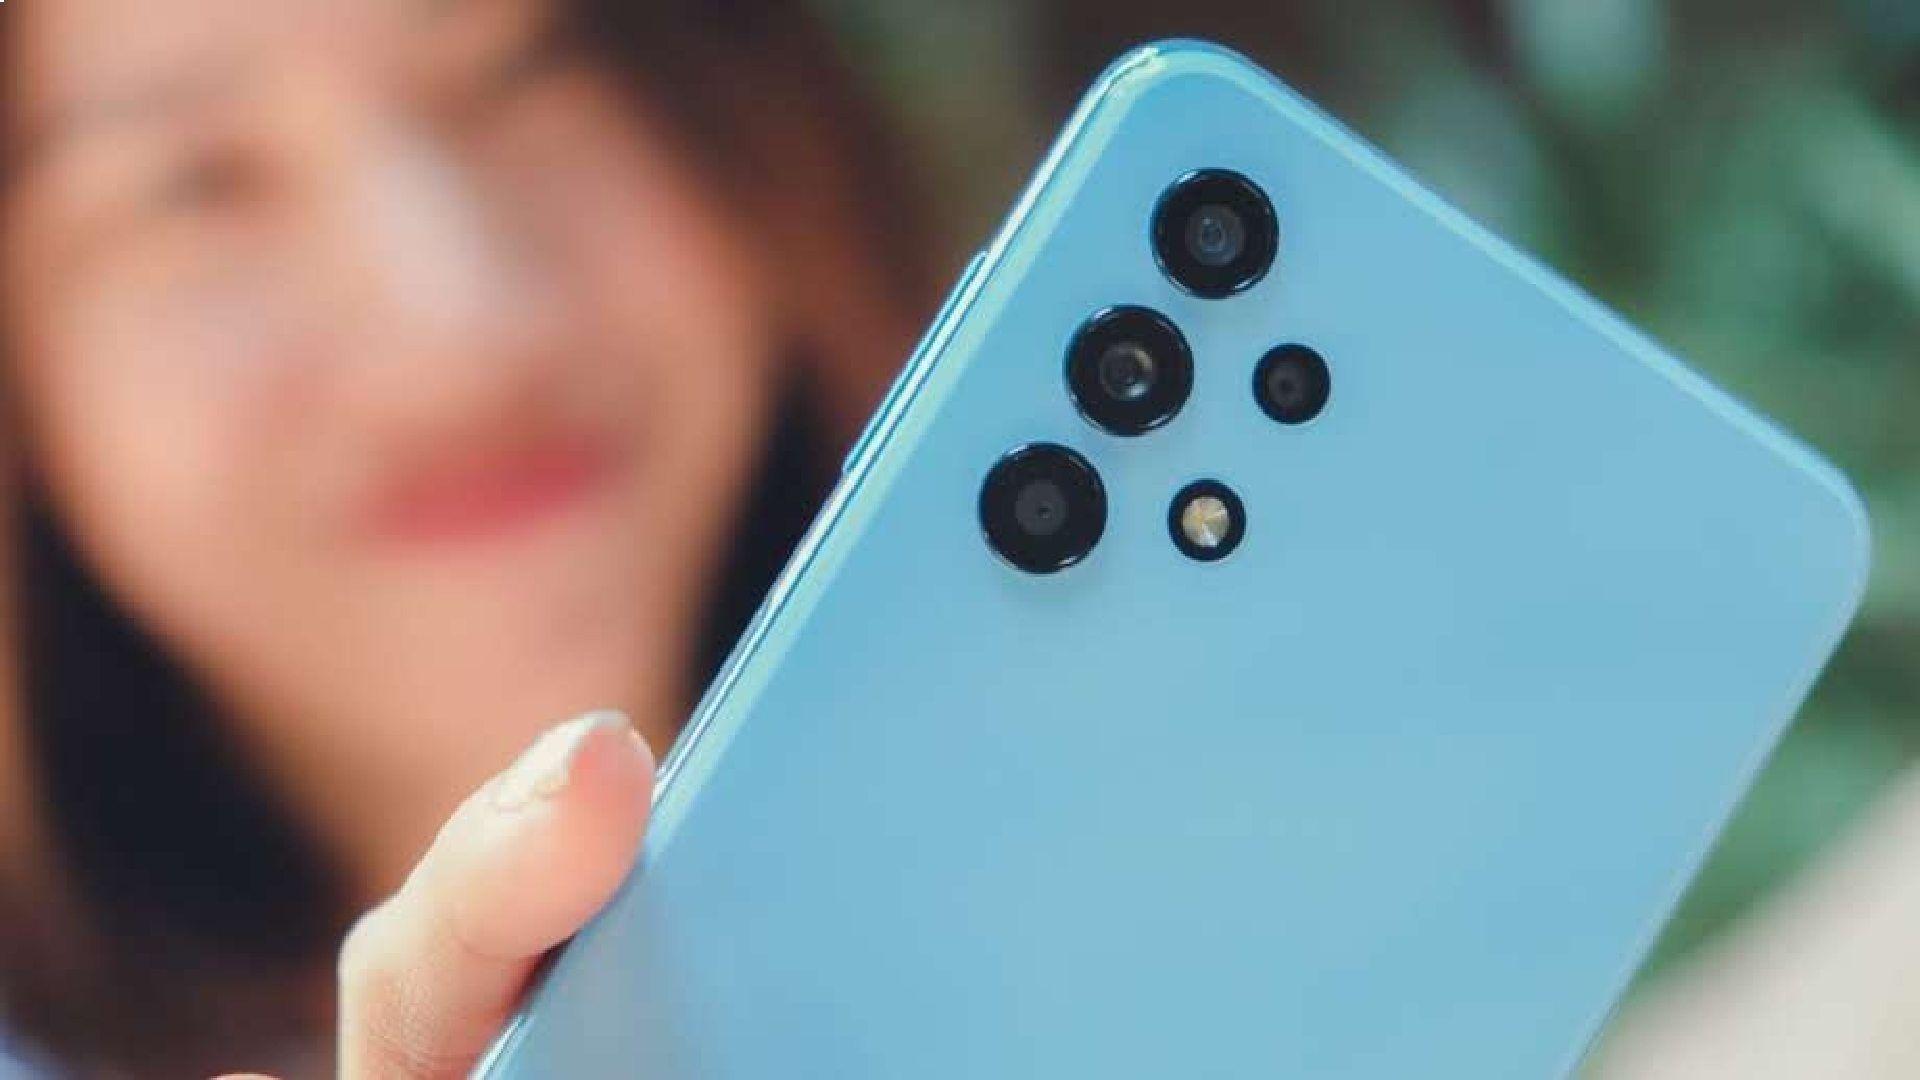 Galaxy A32 5G azul na mão de mulher